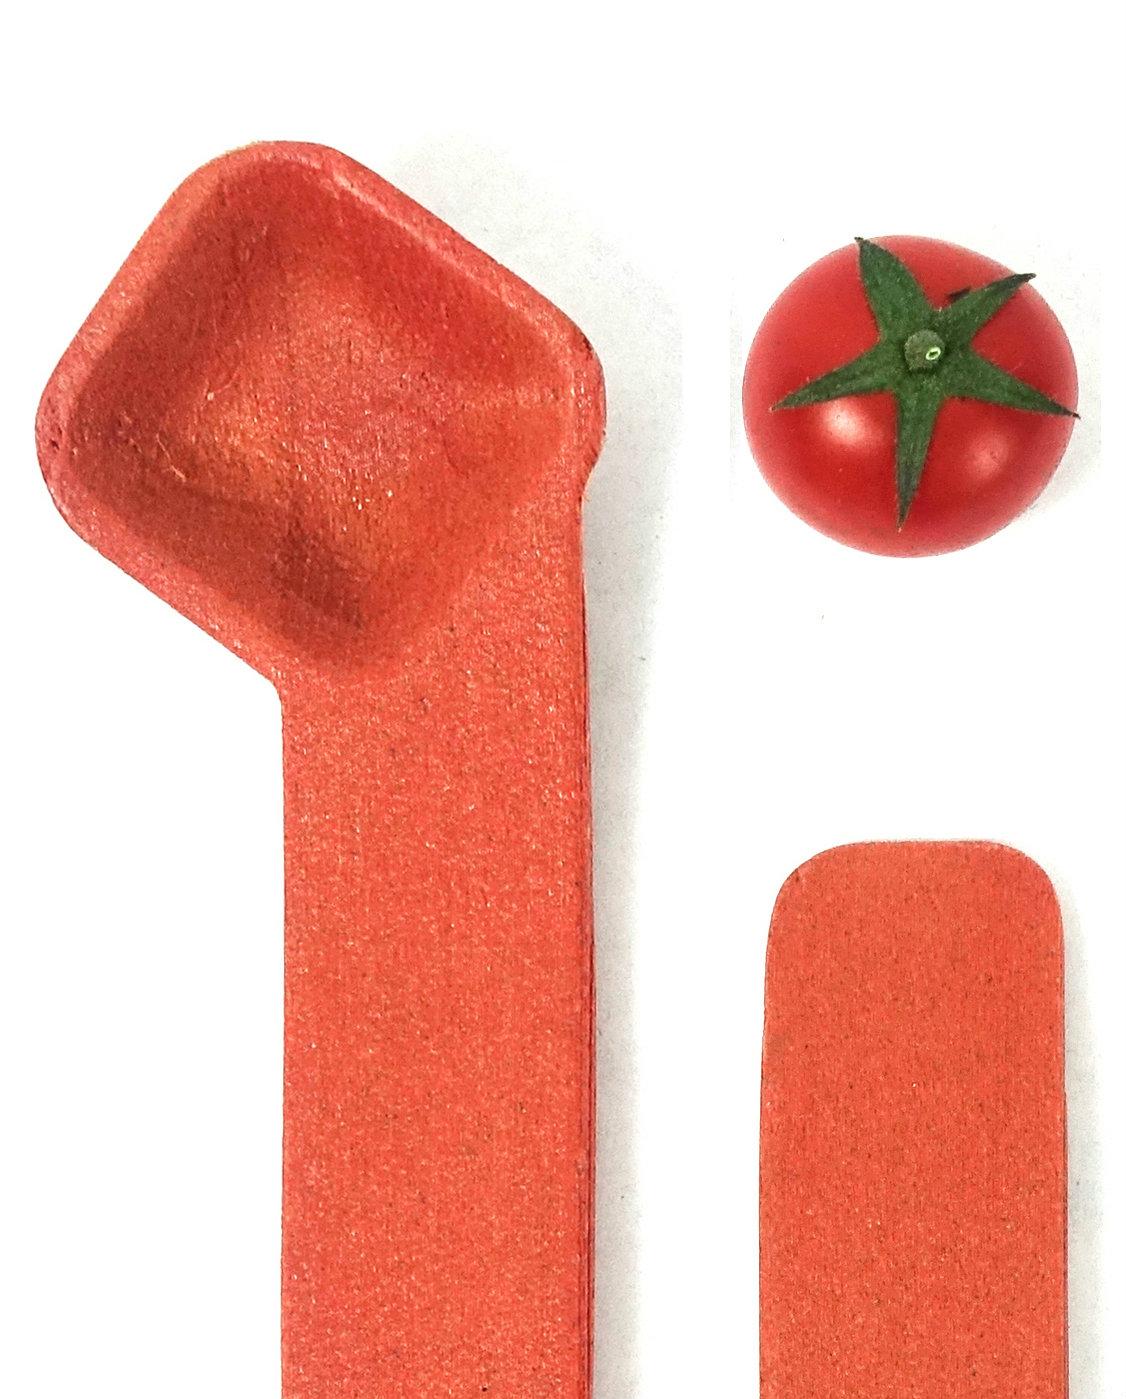 tomato-spoon-designlifestyle-biodesign